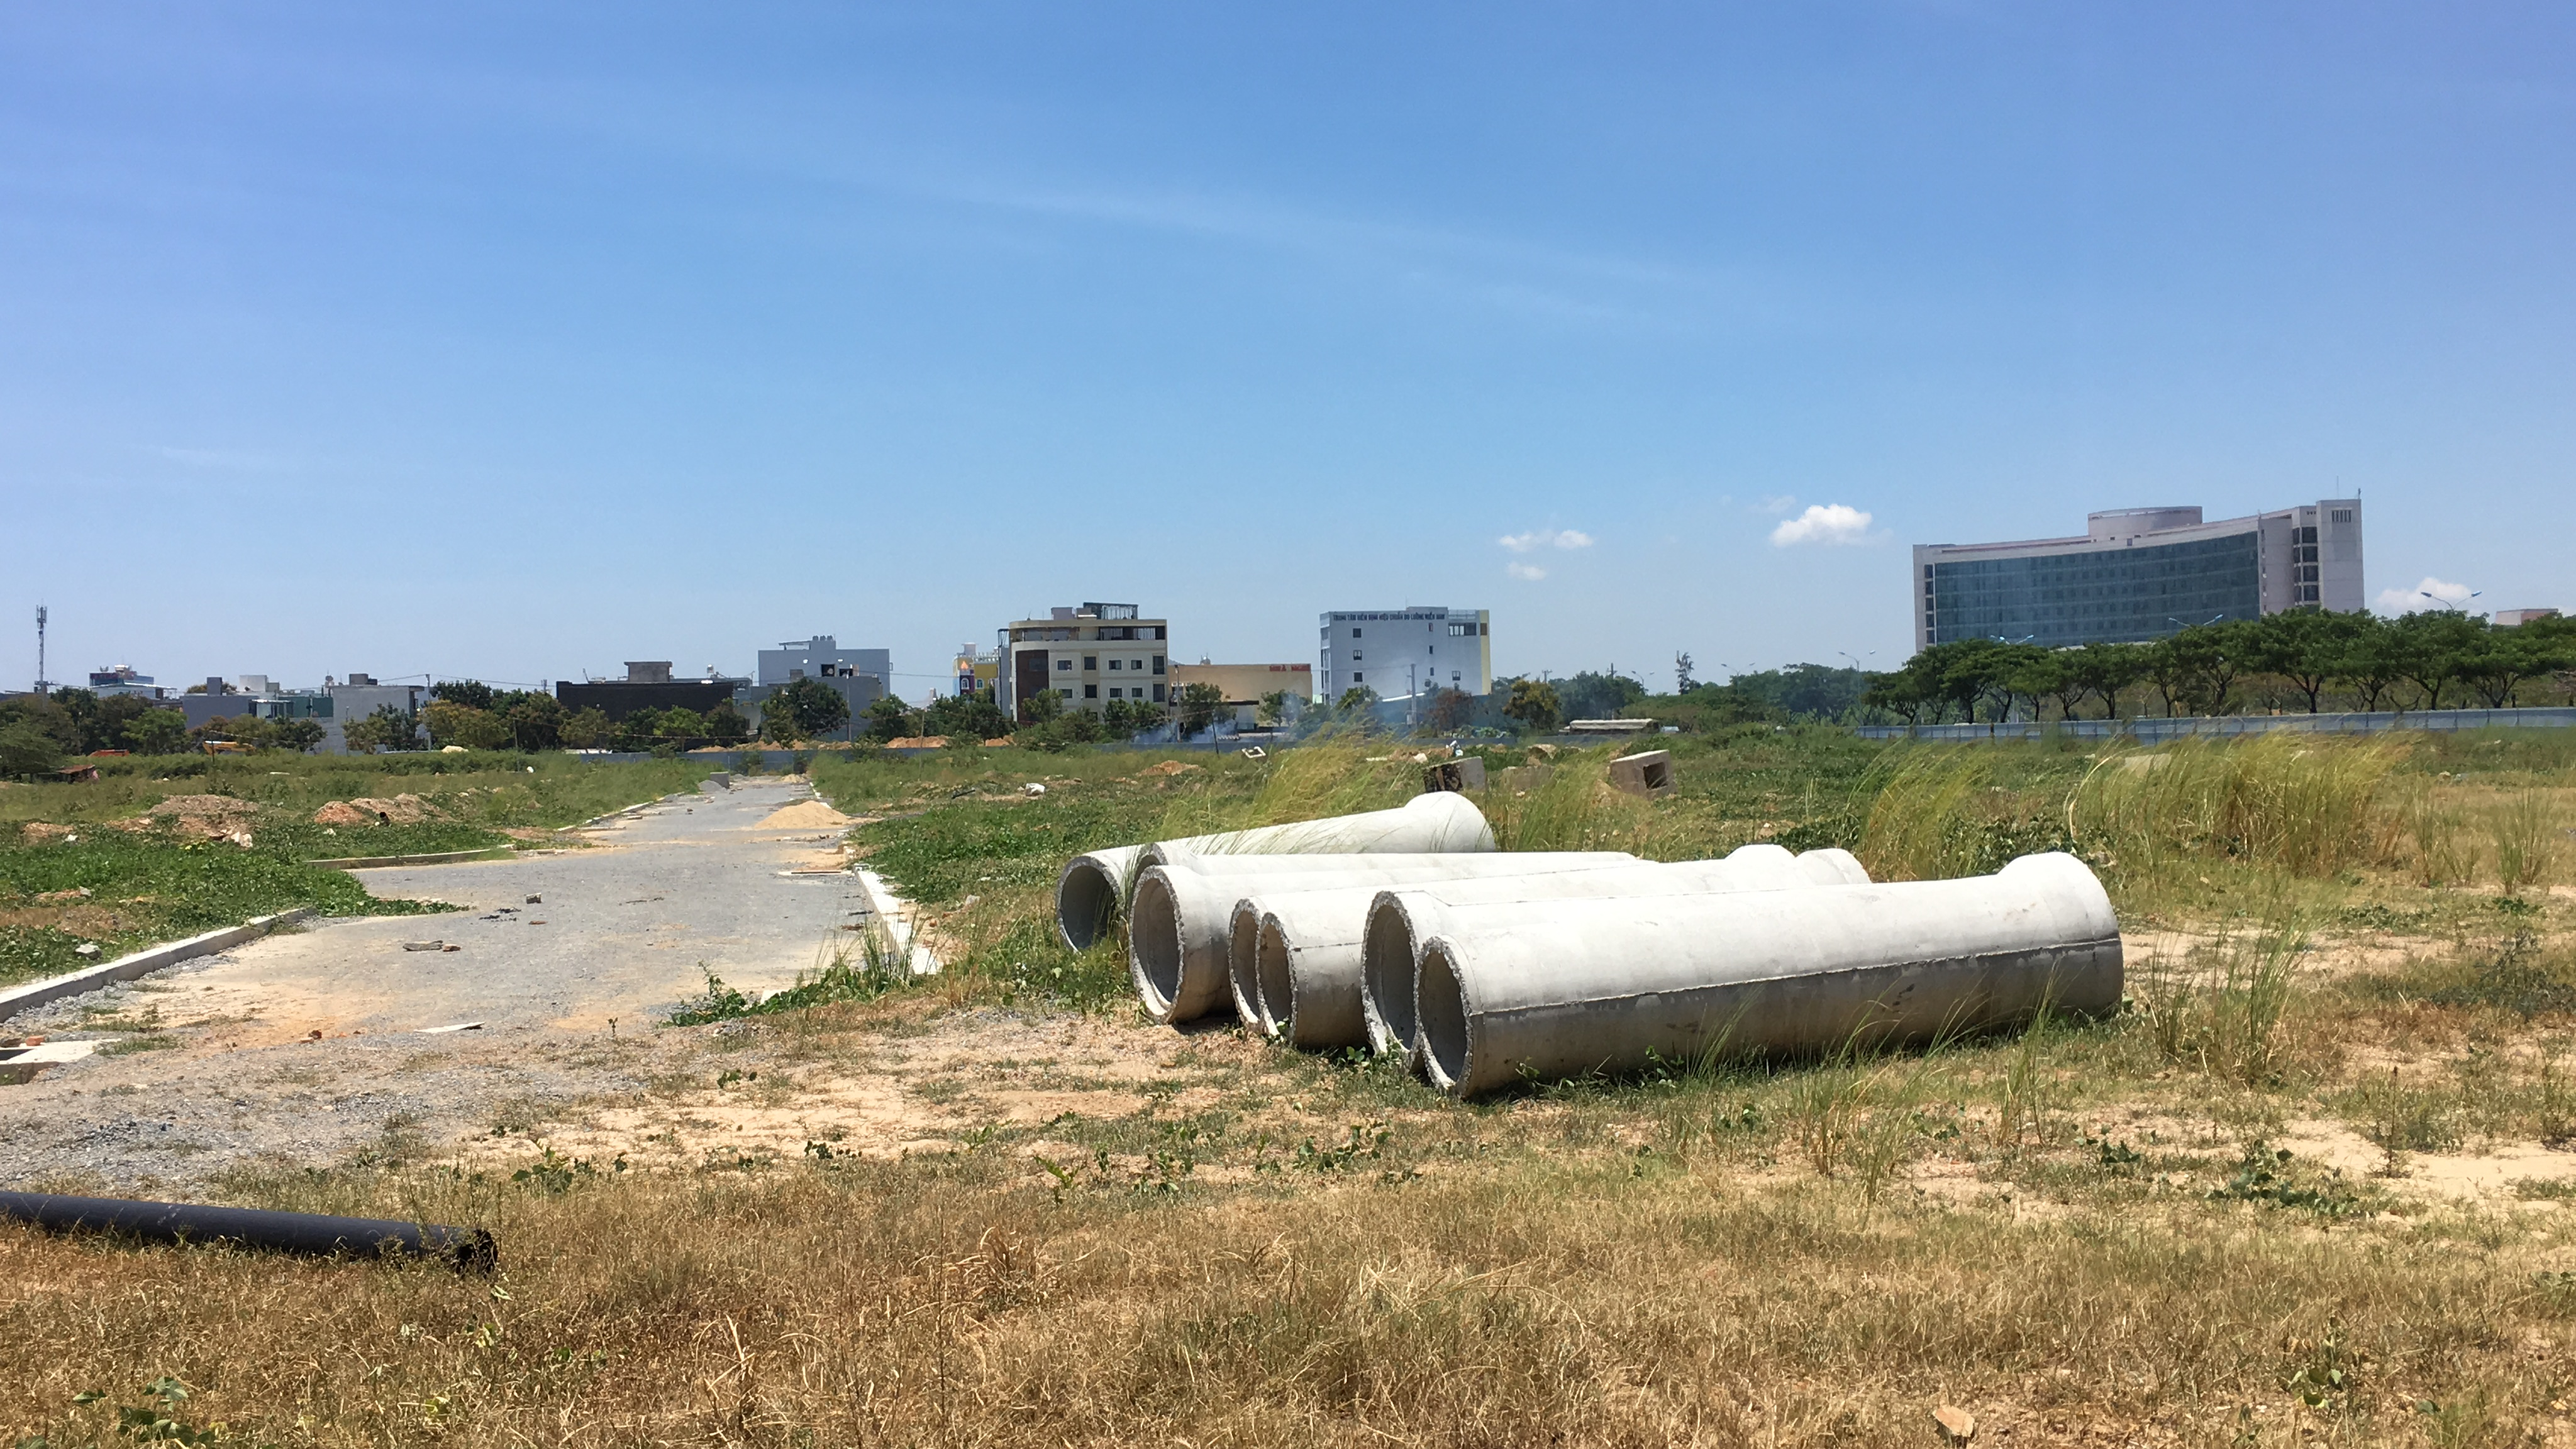 Đà Nẵng chấn chỉnh kinh doanh dịch vụ bất động sản trên địa bàn - Ảnh 1.